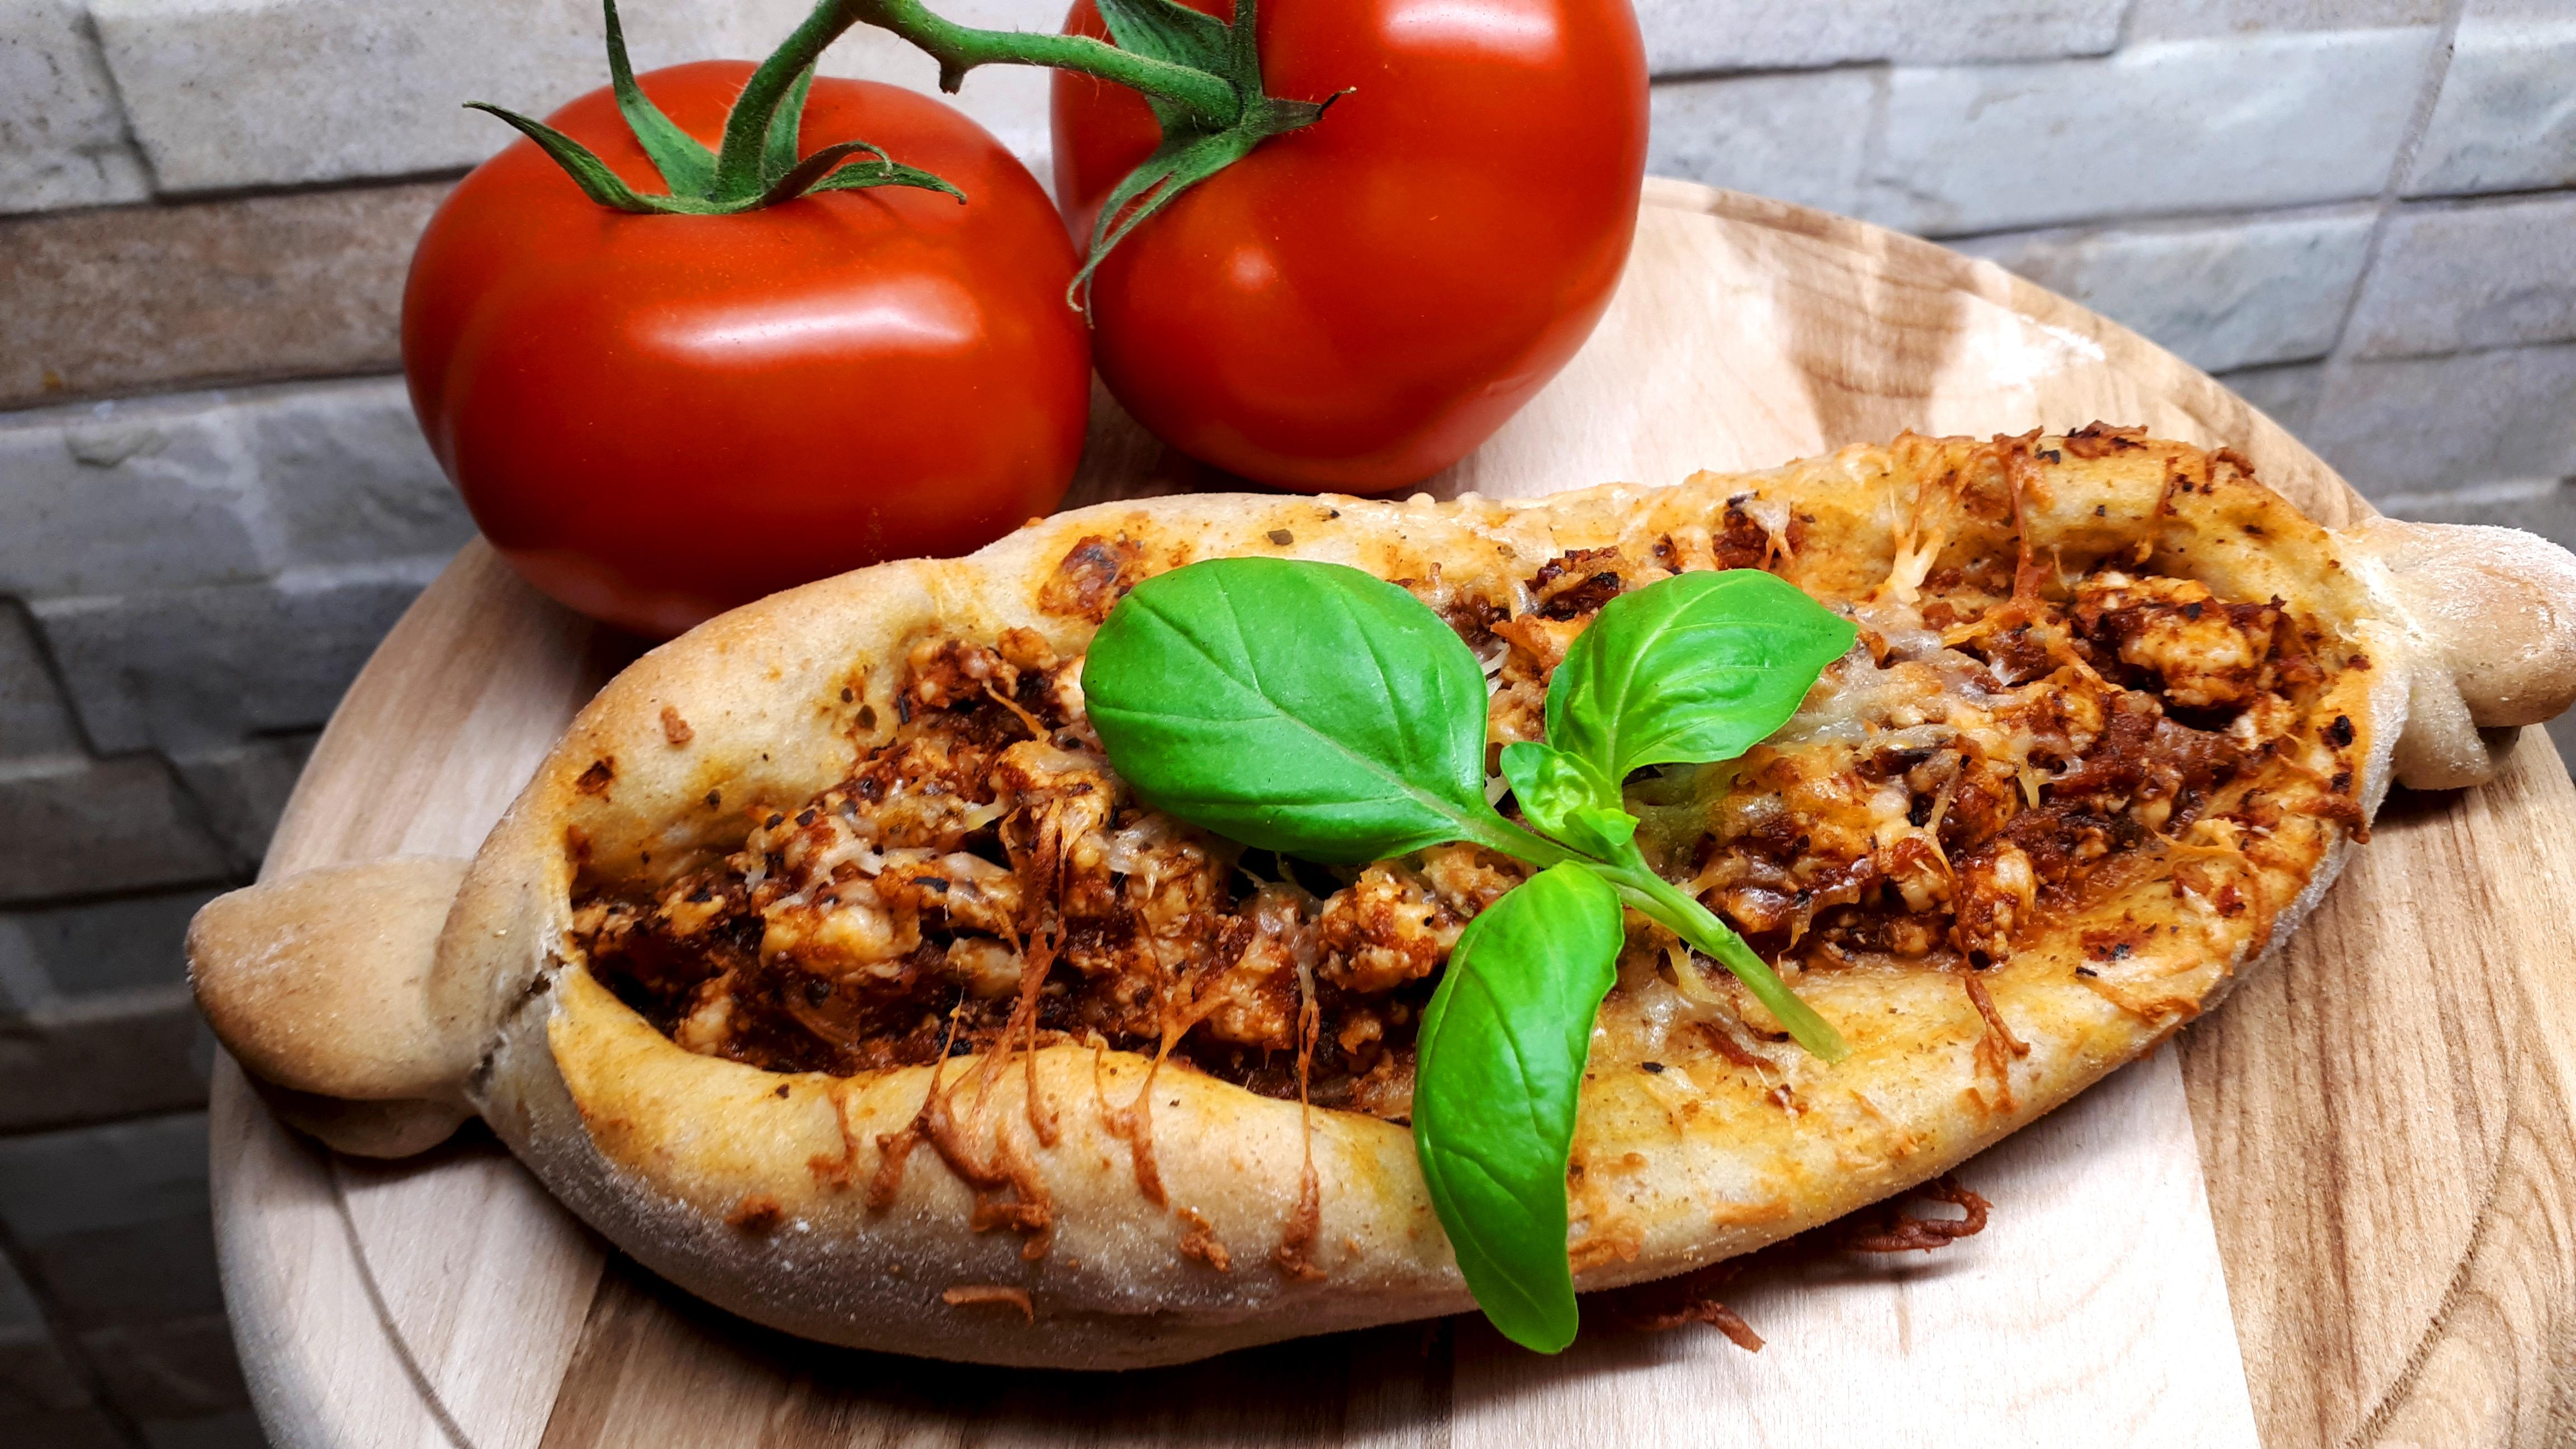 Így készül a szénhidrátcsökkentett török pizza